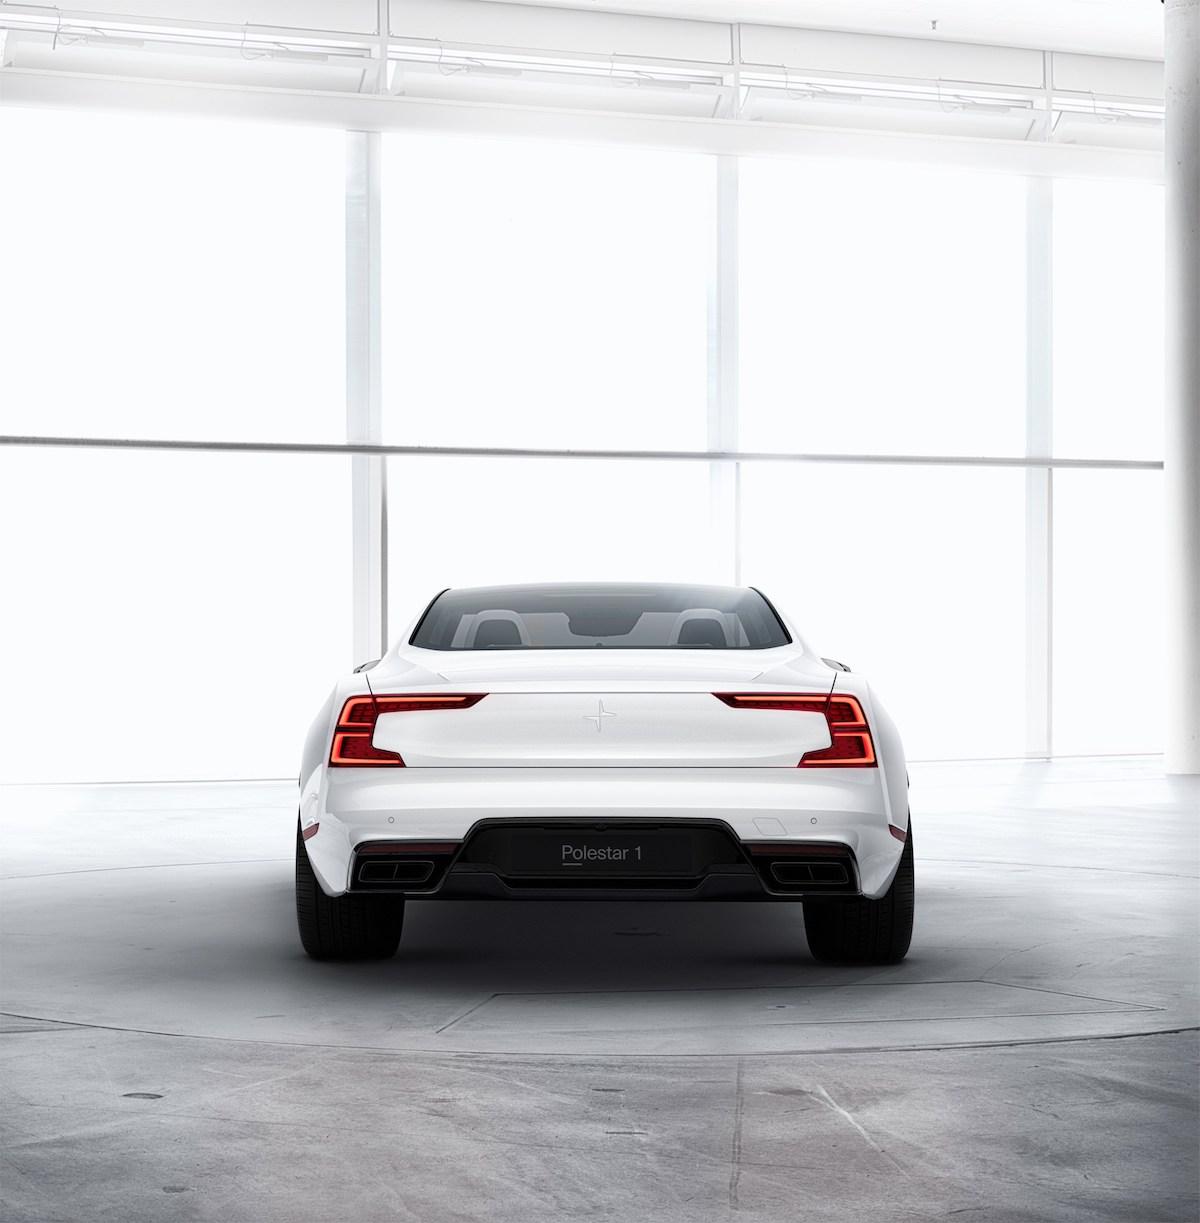 volvo hersteller marke unternehmen polestar elektroautos elektrofahrzeuge hybridfahrzeuge modelle vollelektrisch